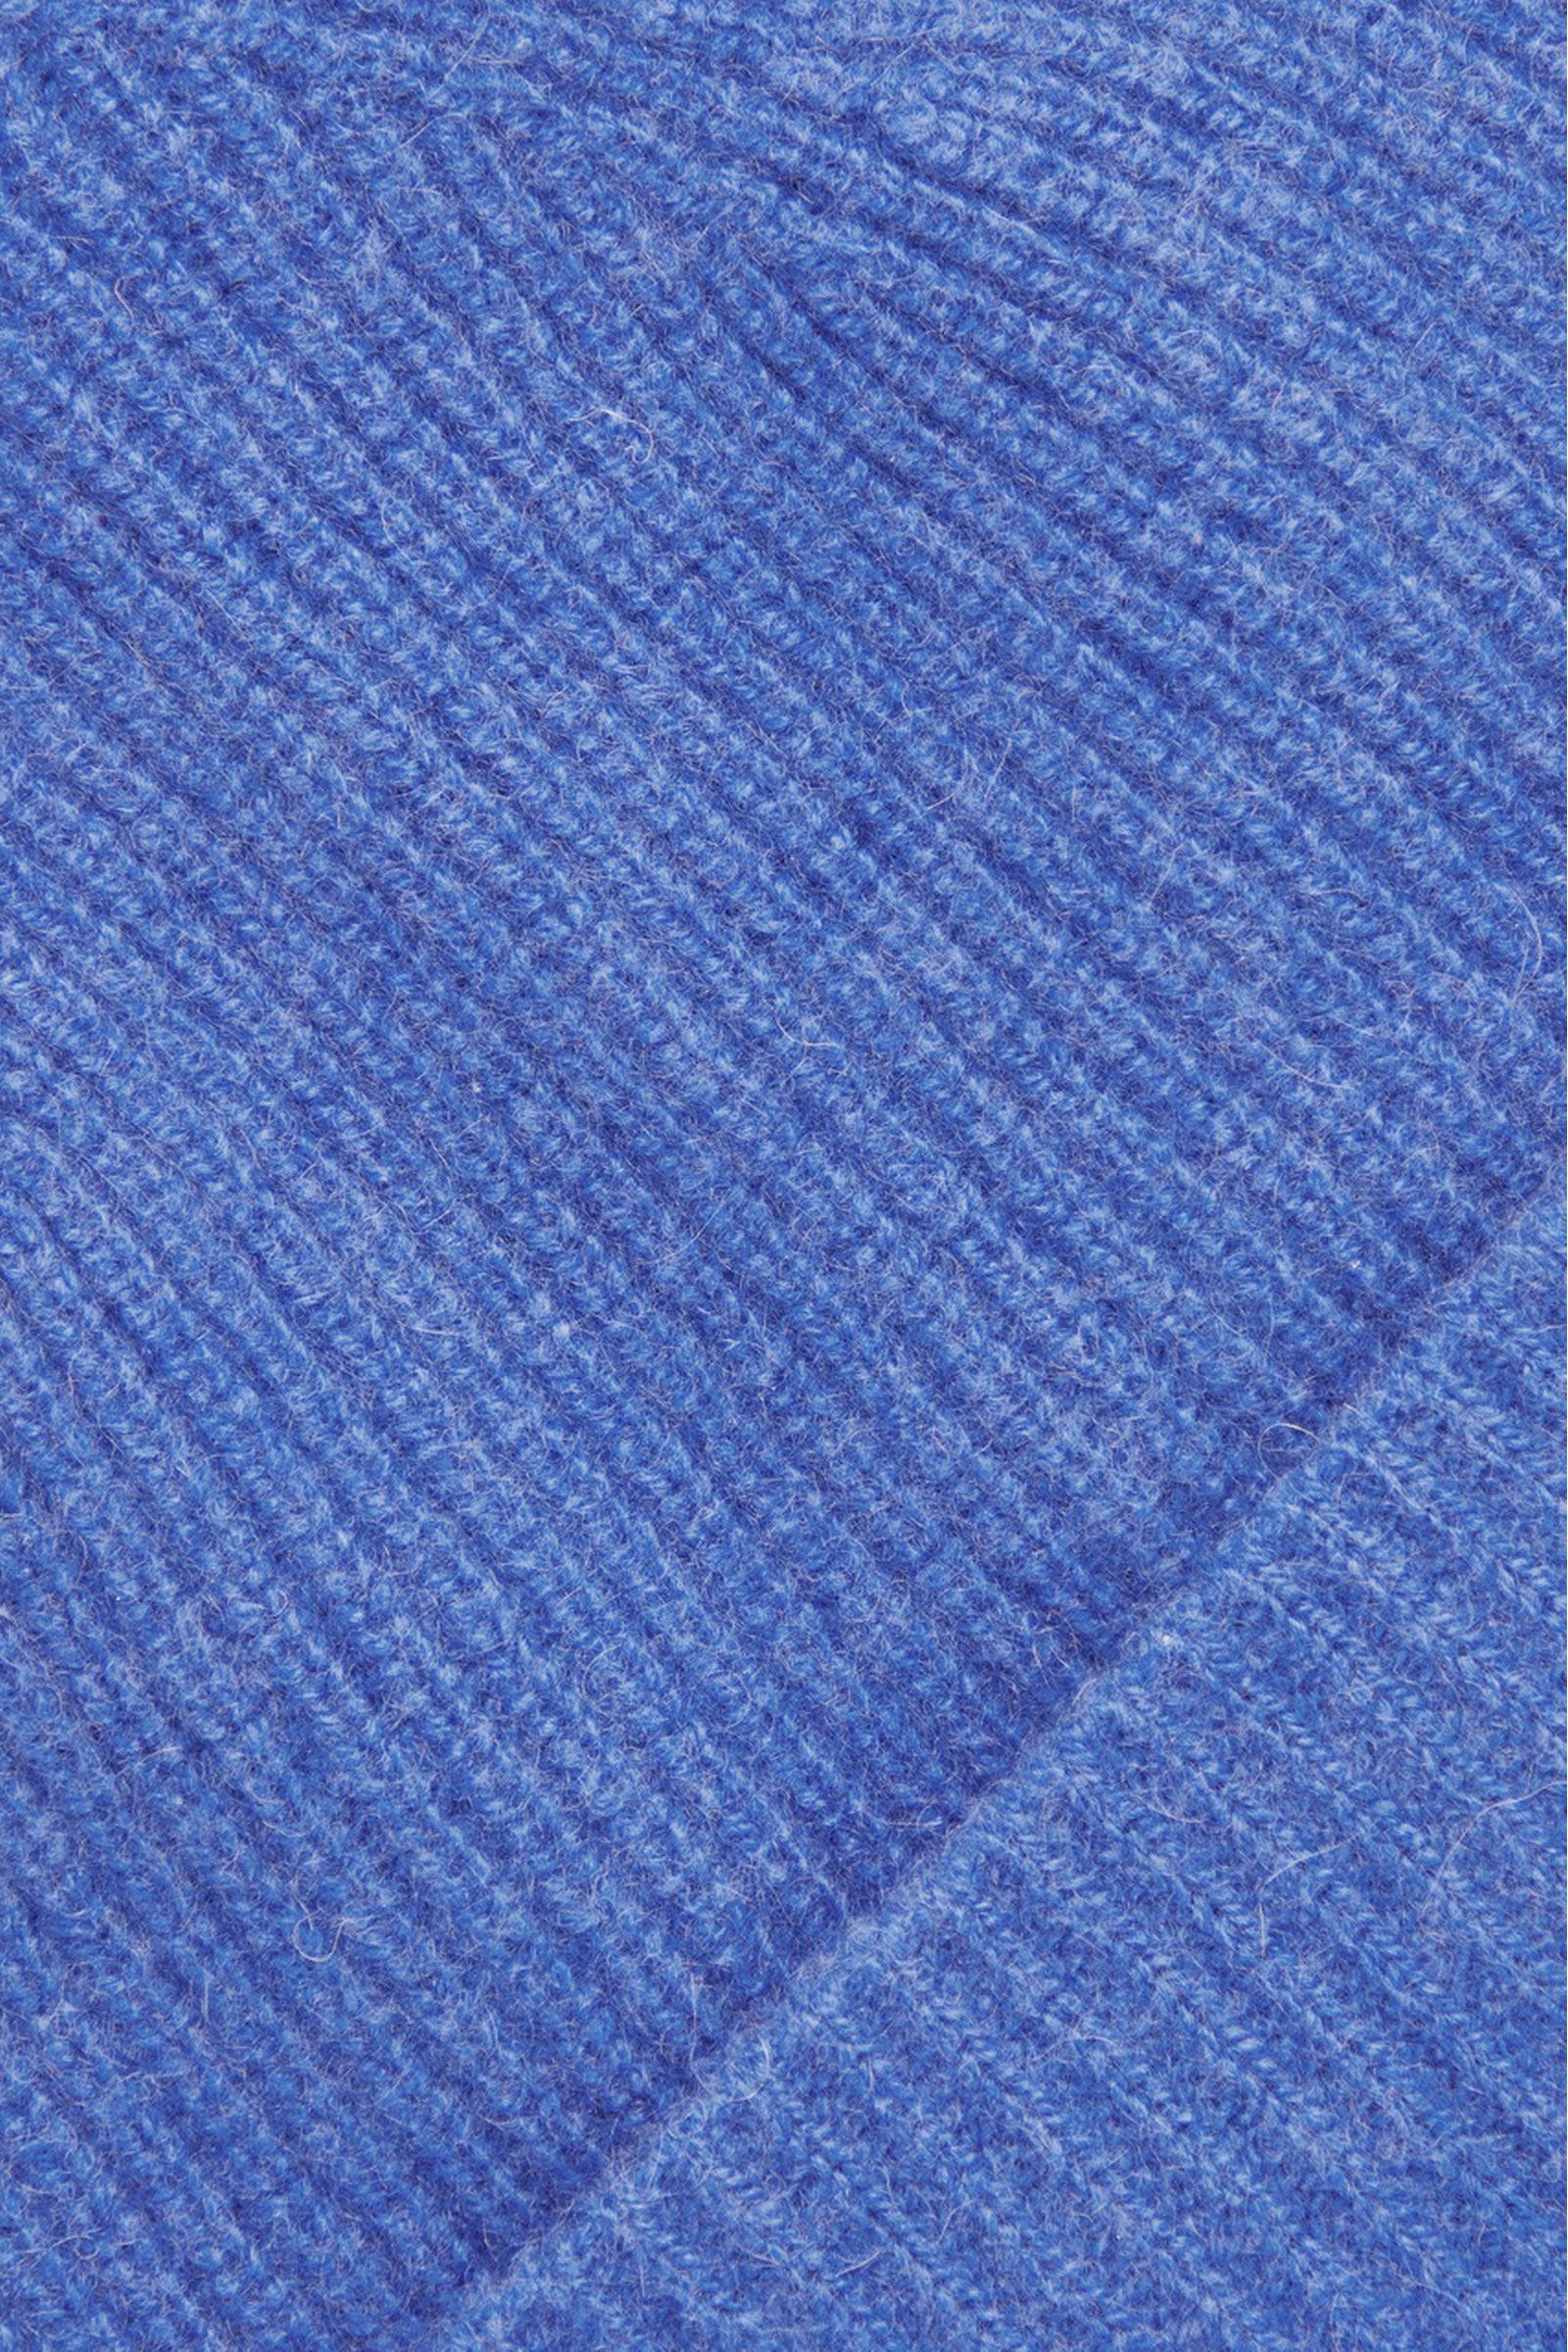 COS 유니섹스 오버사이즈 캐시미어 햇의 블루컬러 Detail입니다.